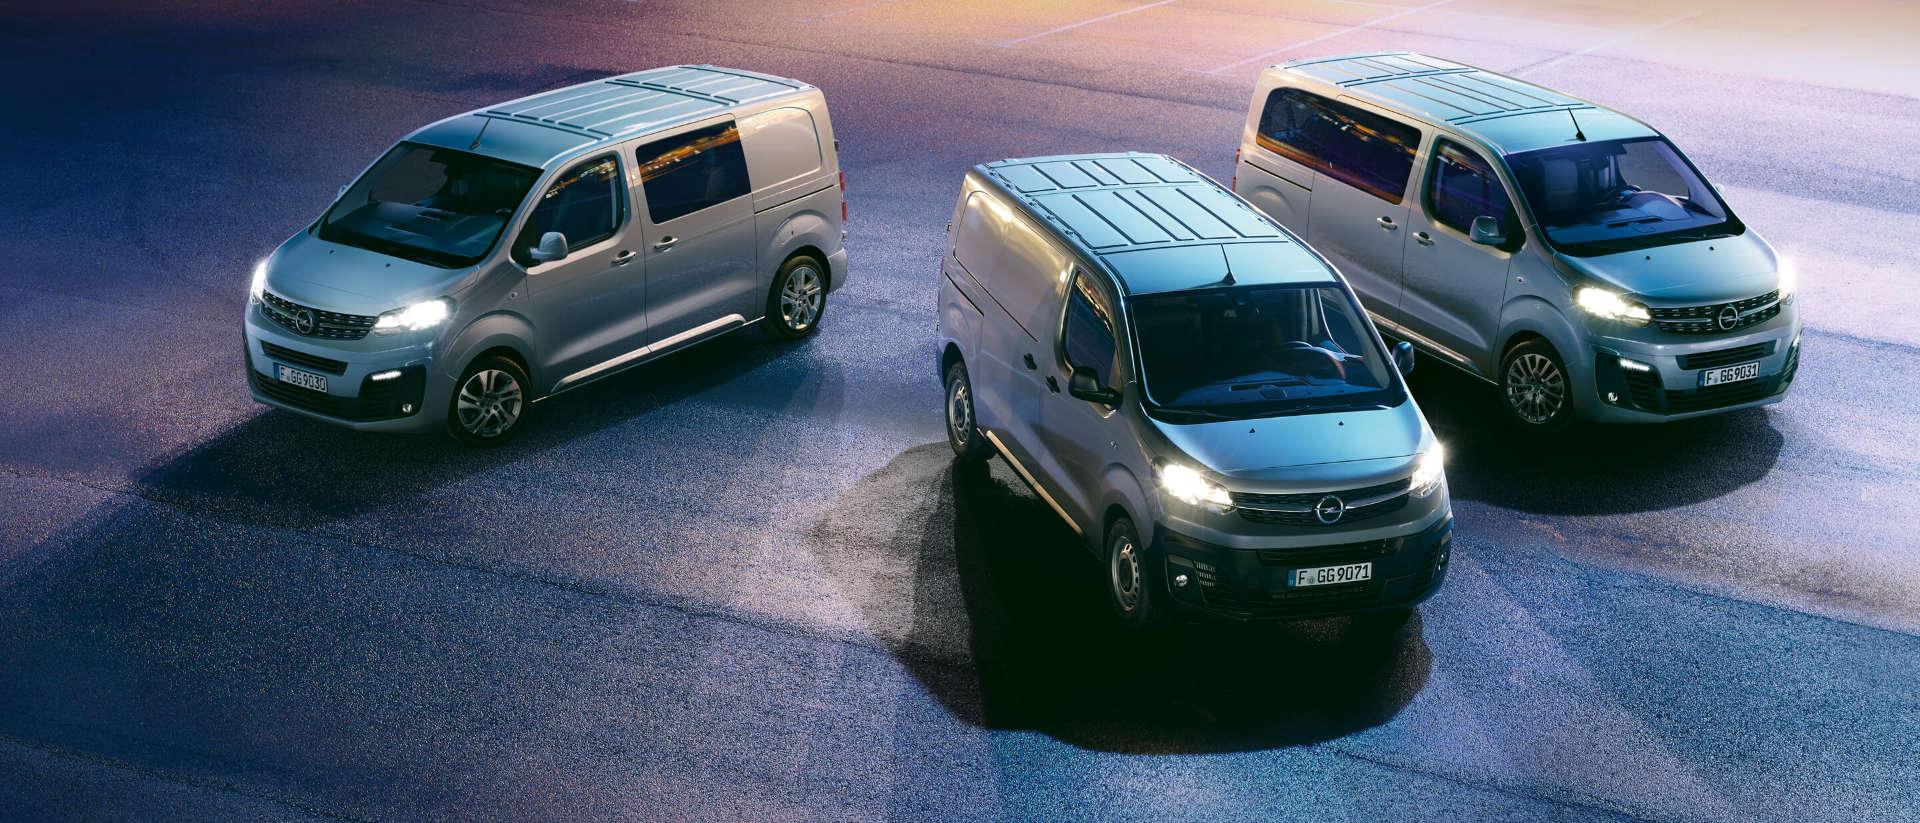 Opel Vivaro, Vivaro Panel Van, Vivaro Crew Cab, вантажний фургон, вантажно-пасажирський фургон